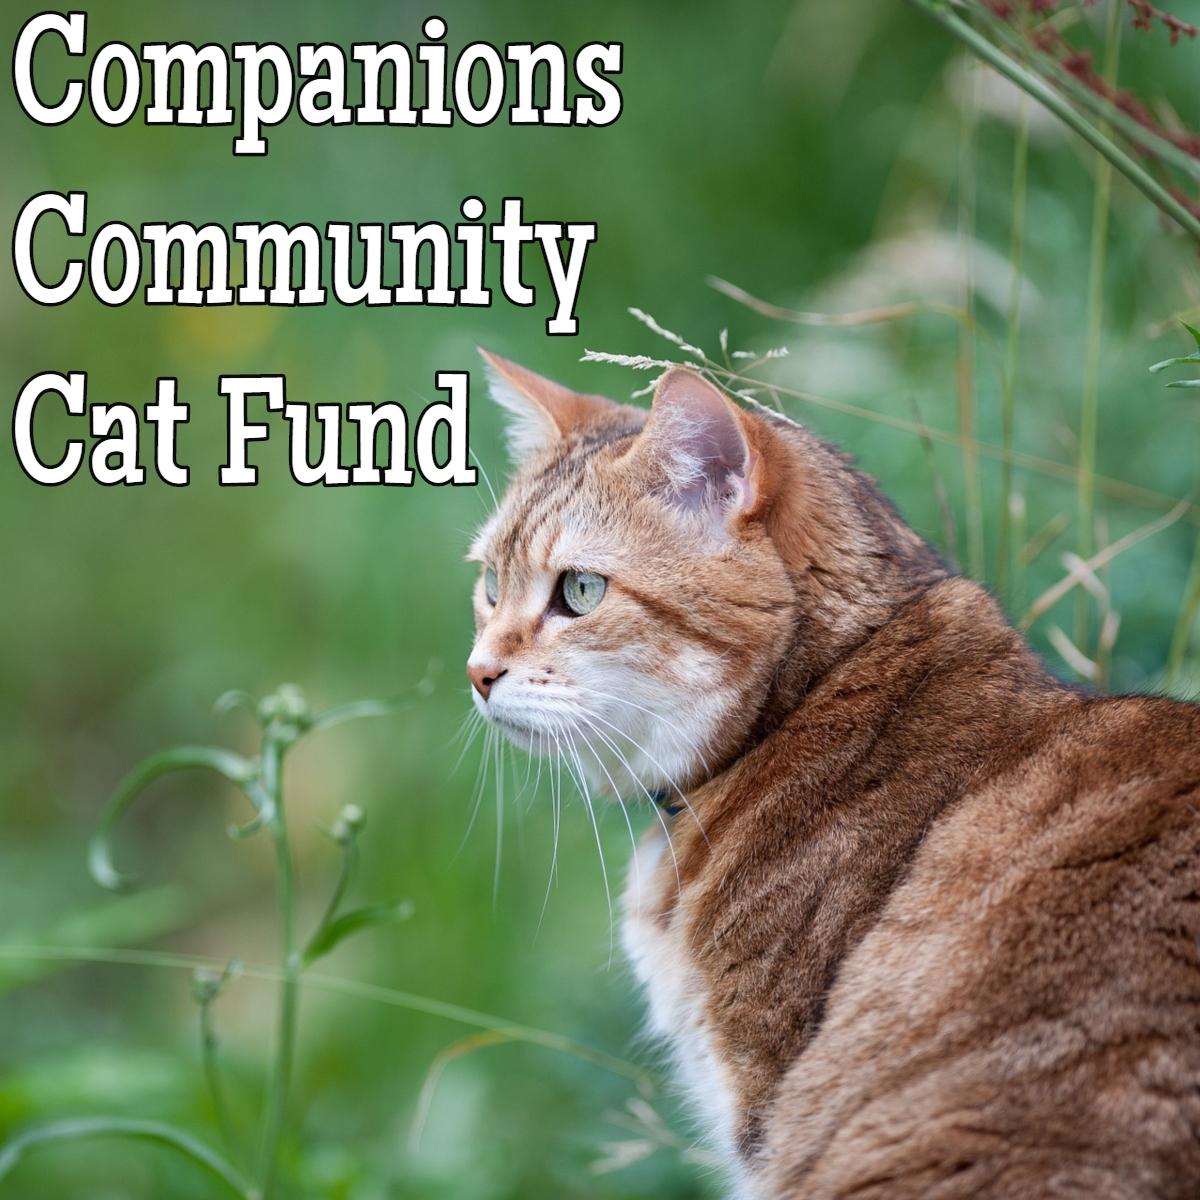 Companions Cat Fund .jpg